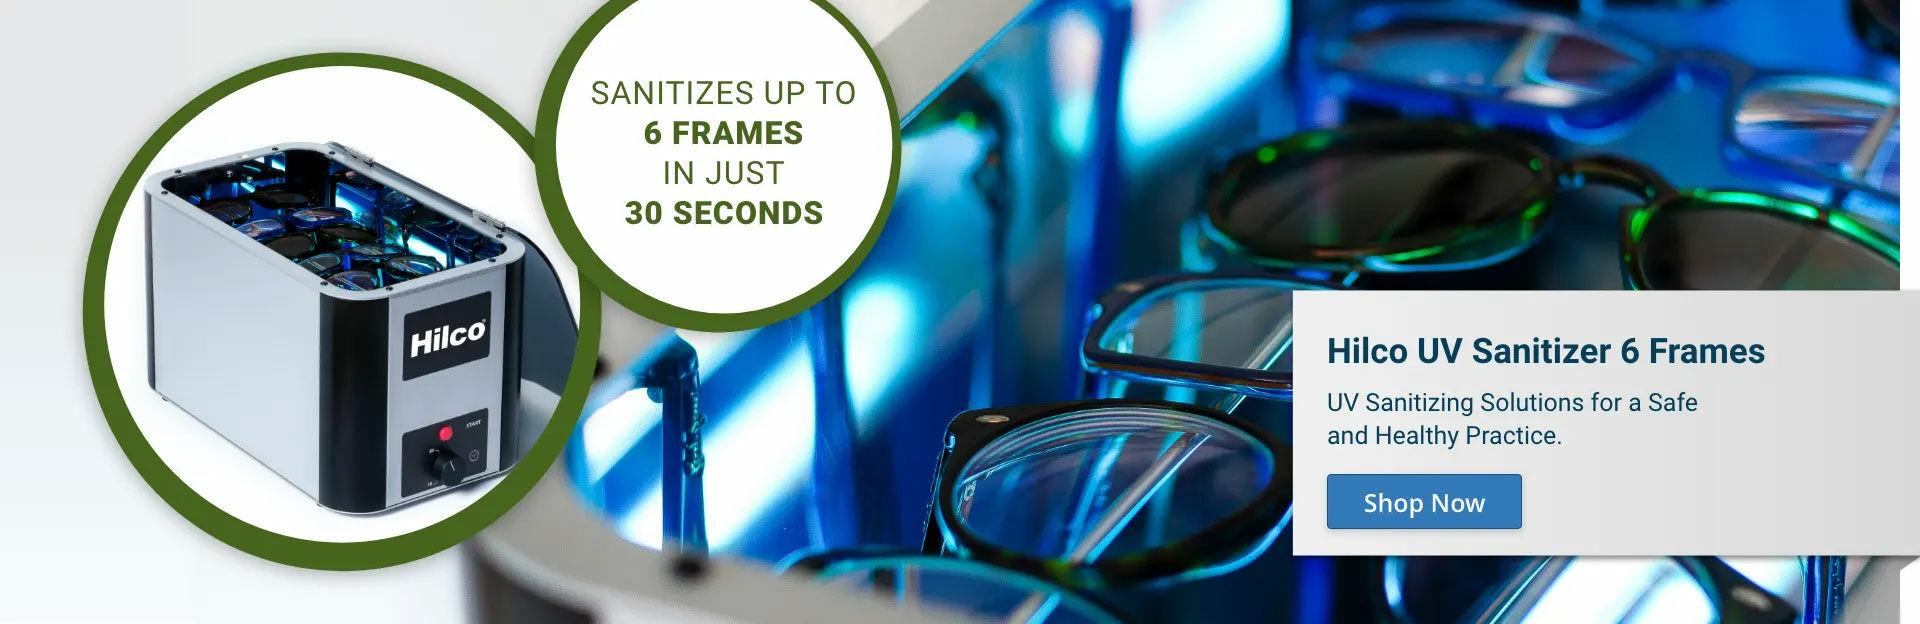 hilco-vision-uvc-6-frames-au